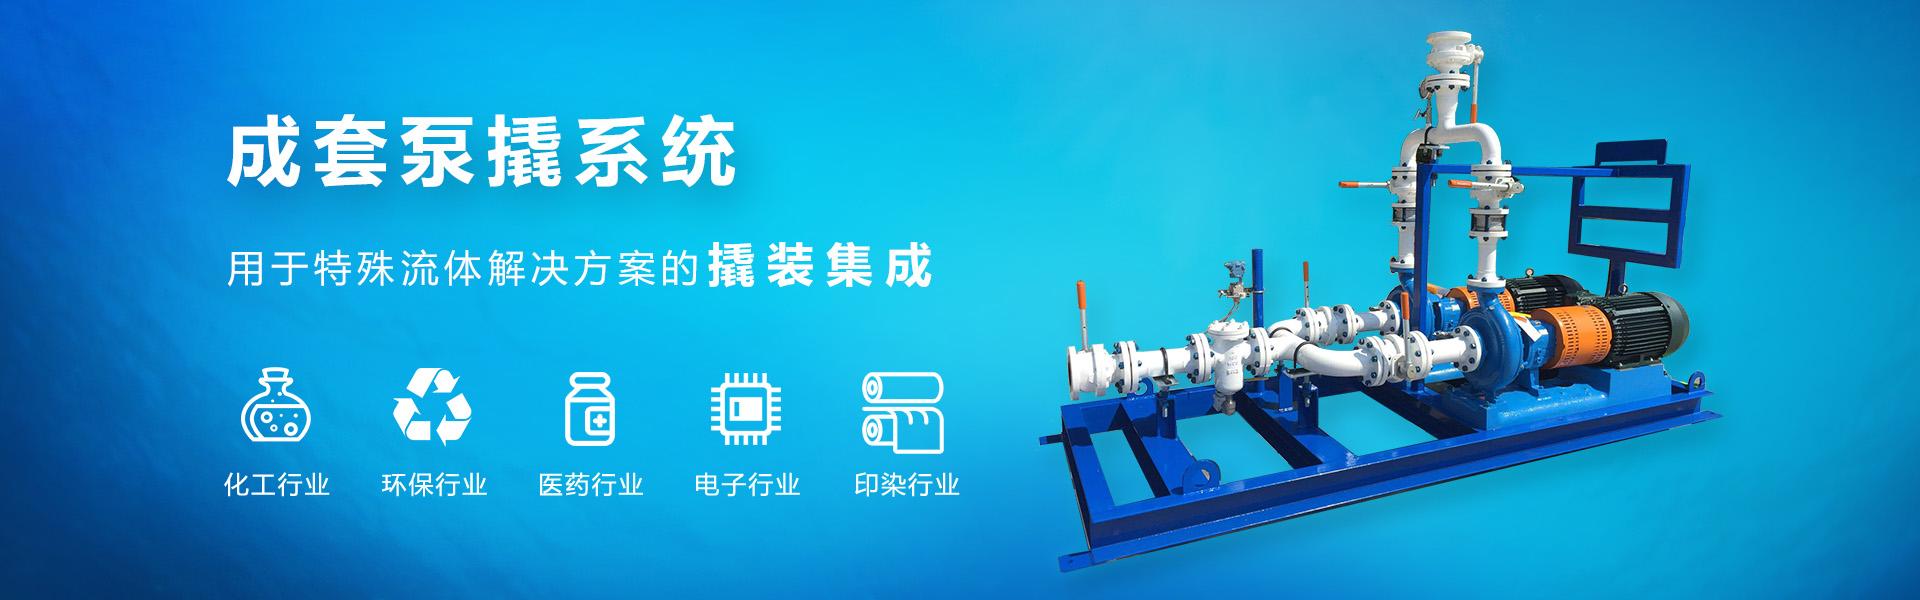 01.成套泵撬系统